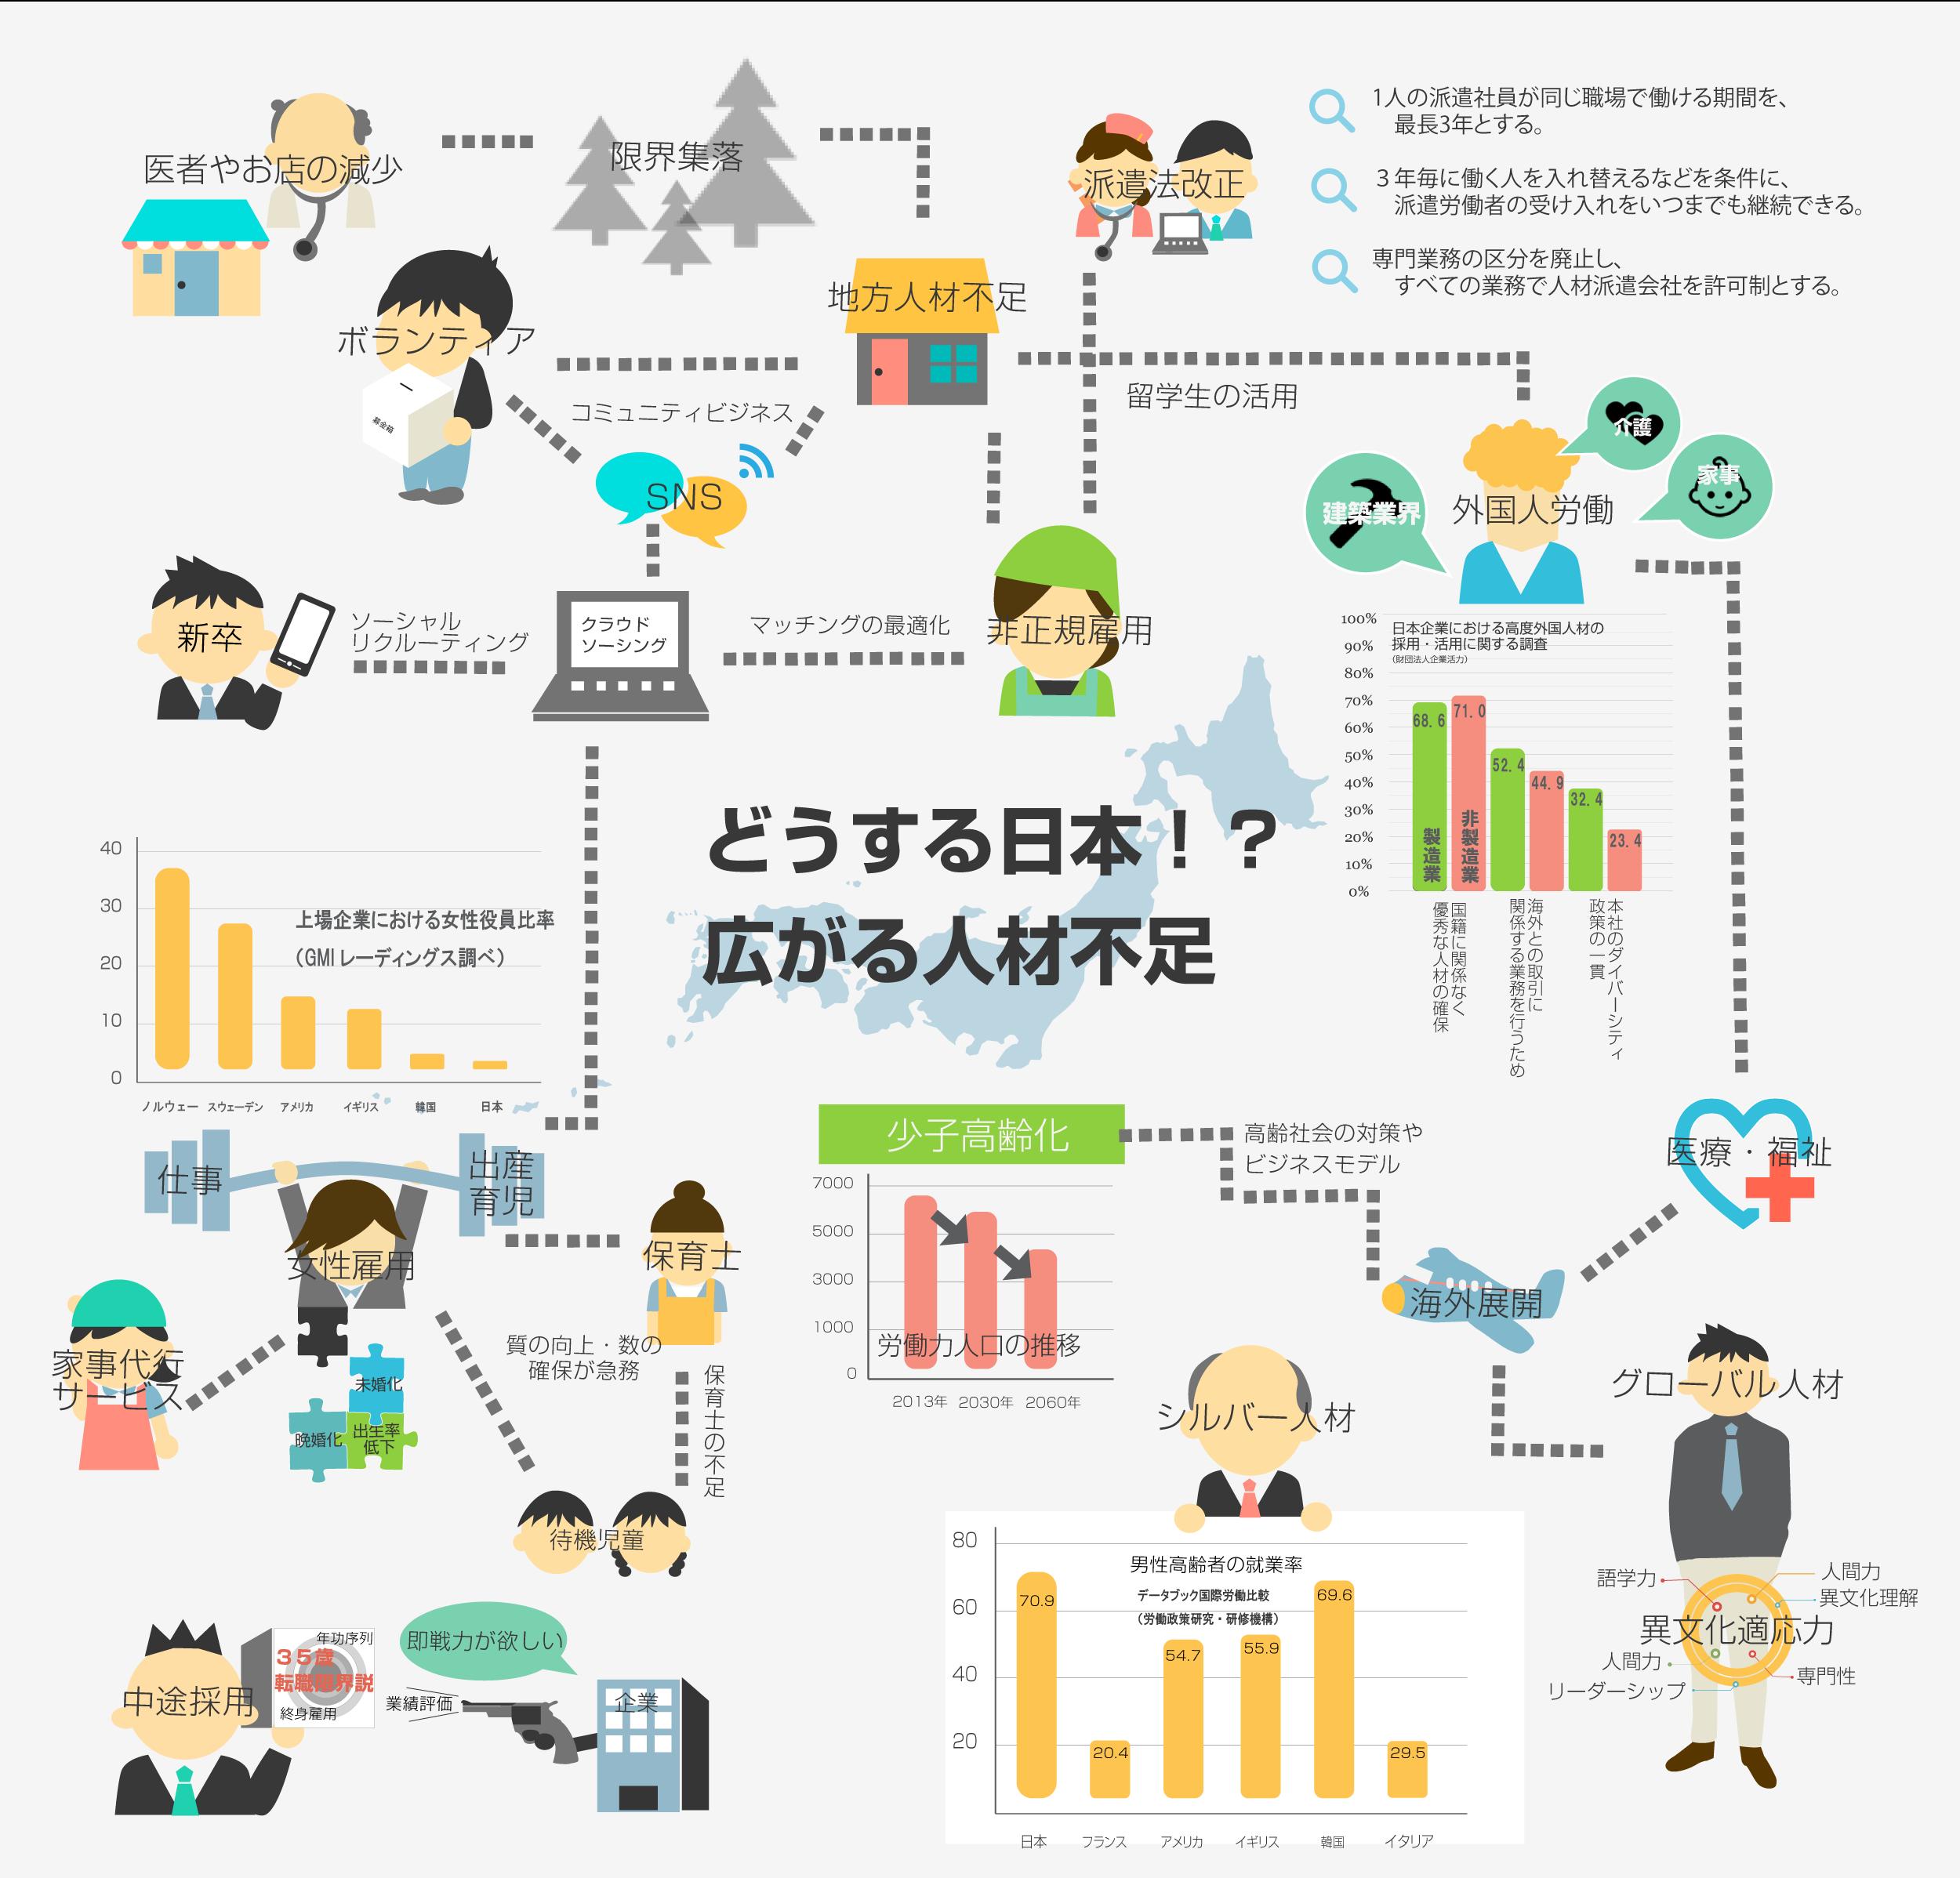 人材業界の社会問題まとめ Br インフォグラフィックス Hrog インフォグラフィック インフォグラフィックス パンフレット デザイン